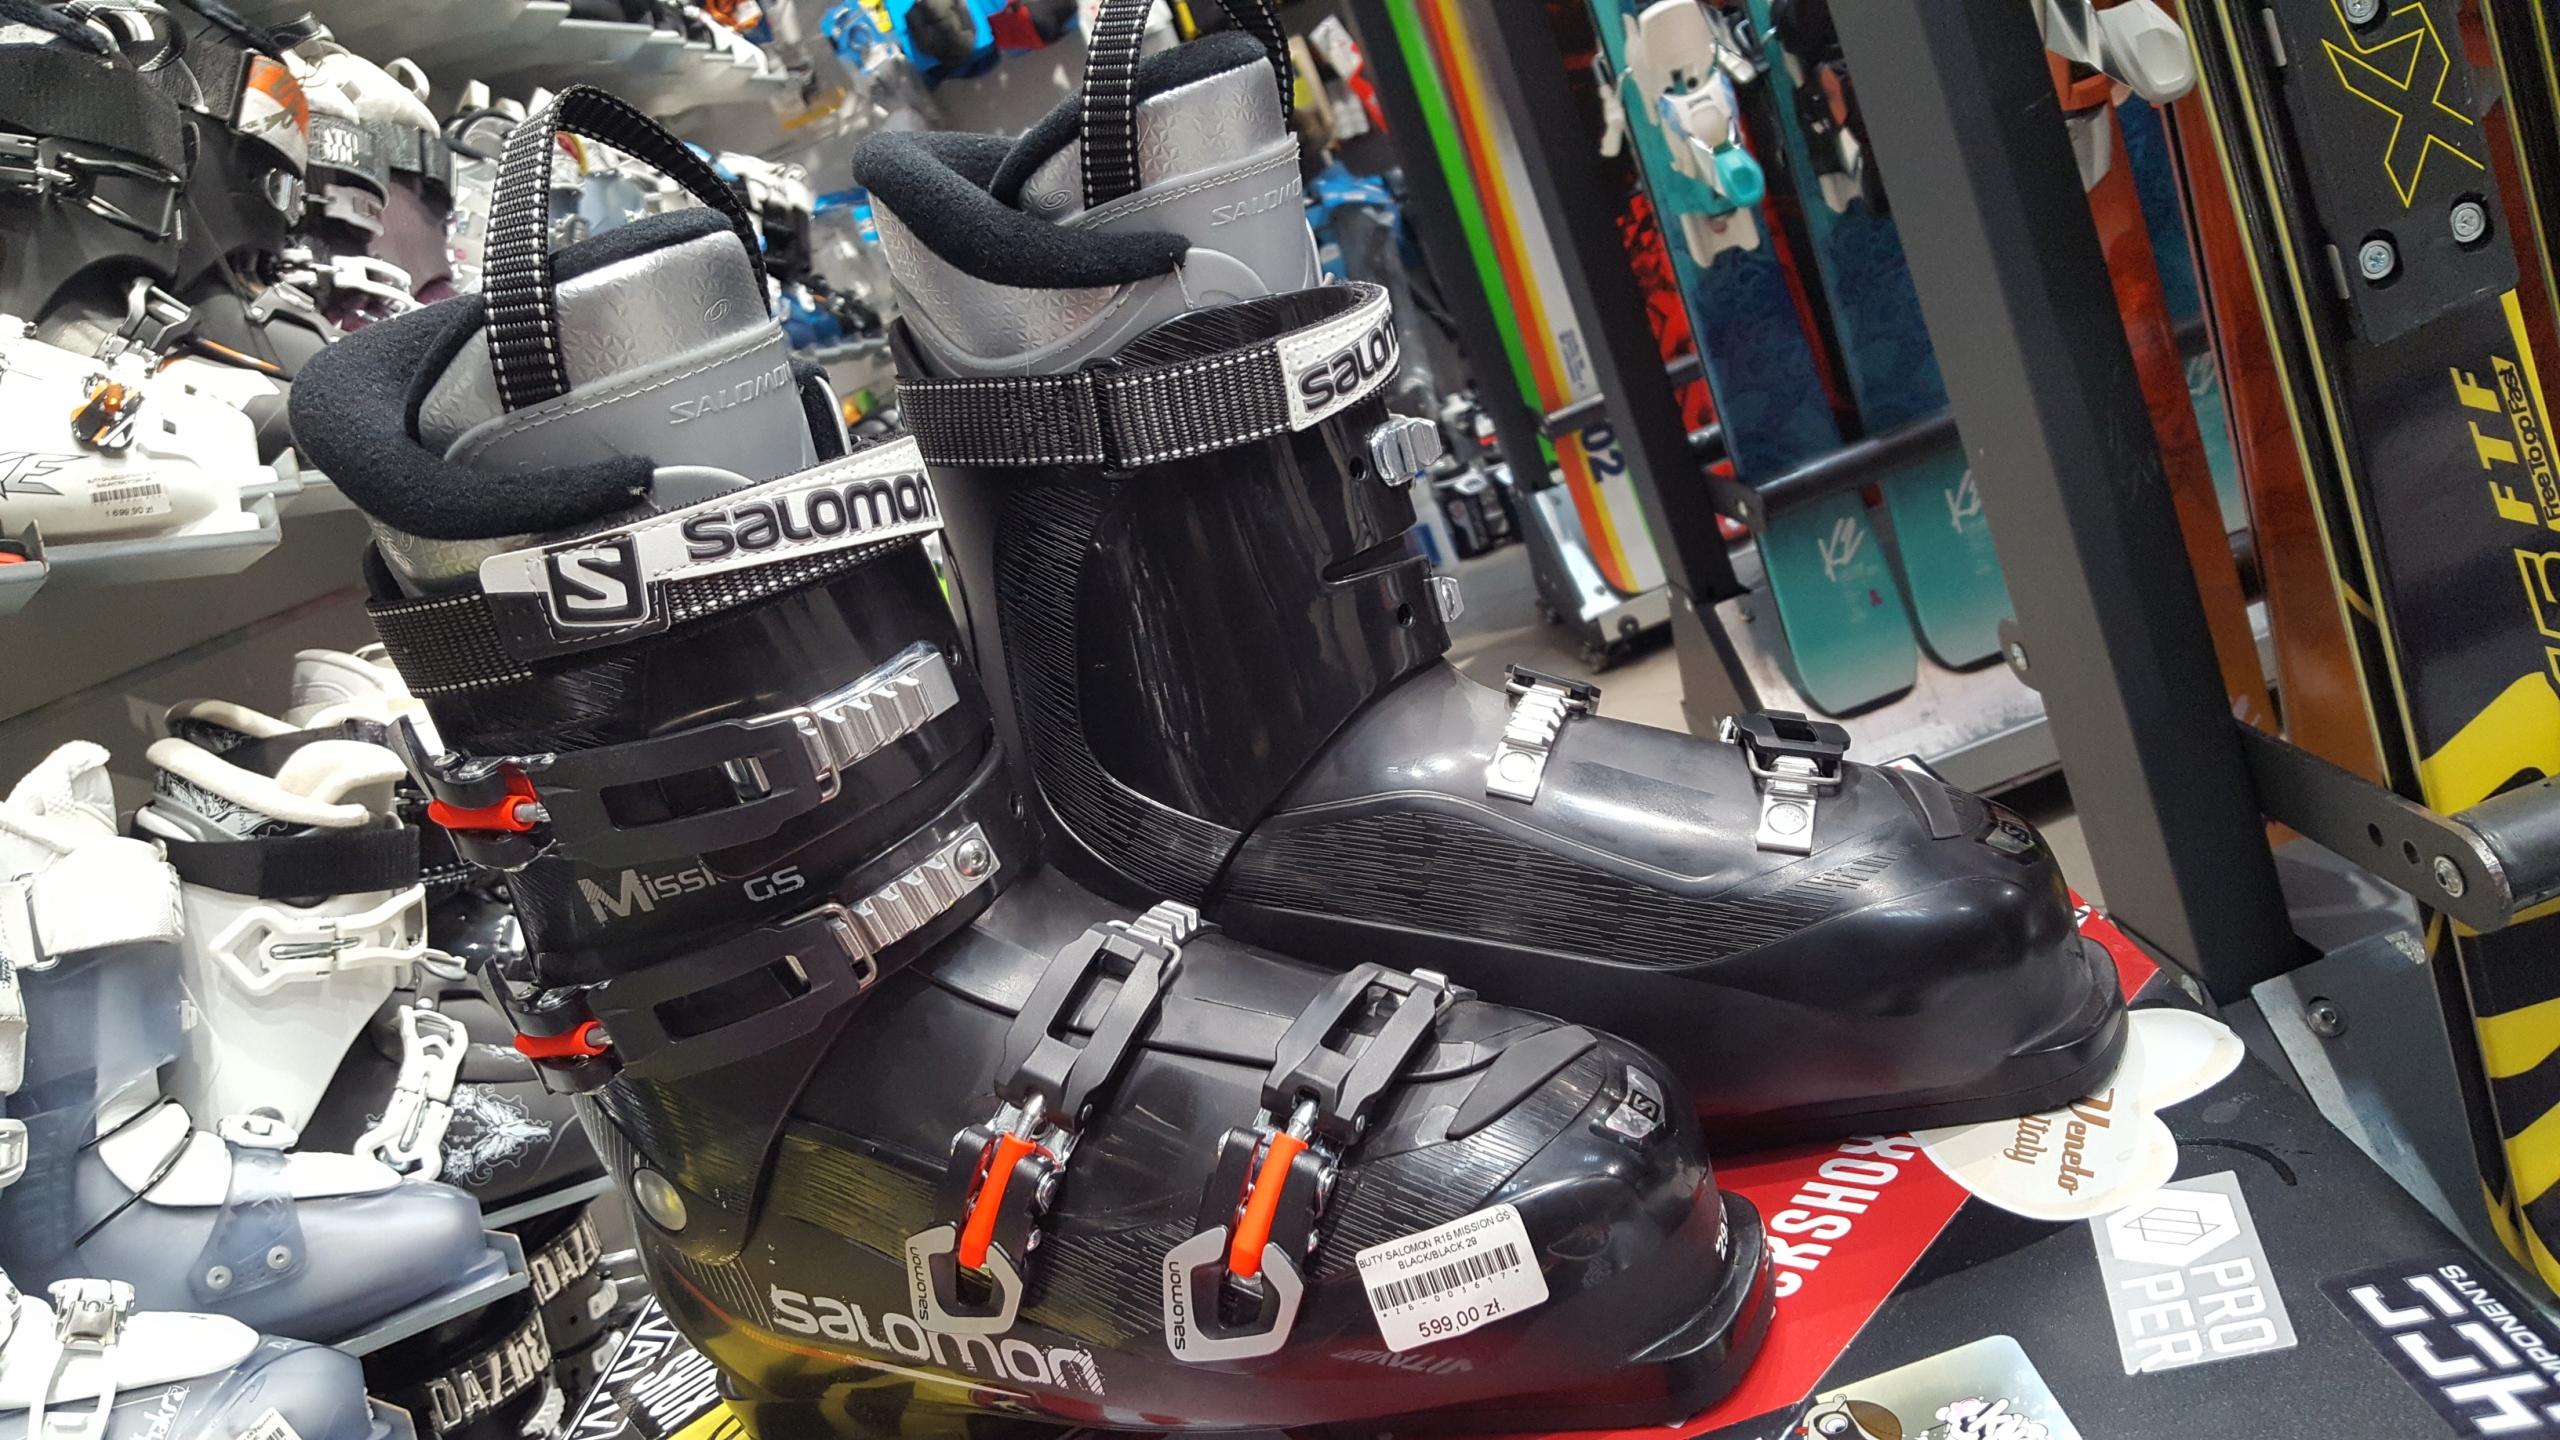 Buty narciarskie Salomon Mission GS 27,5cm Wyprz